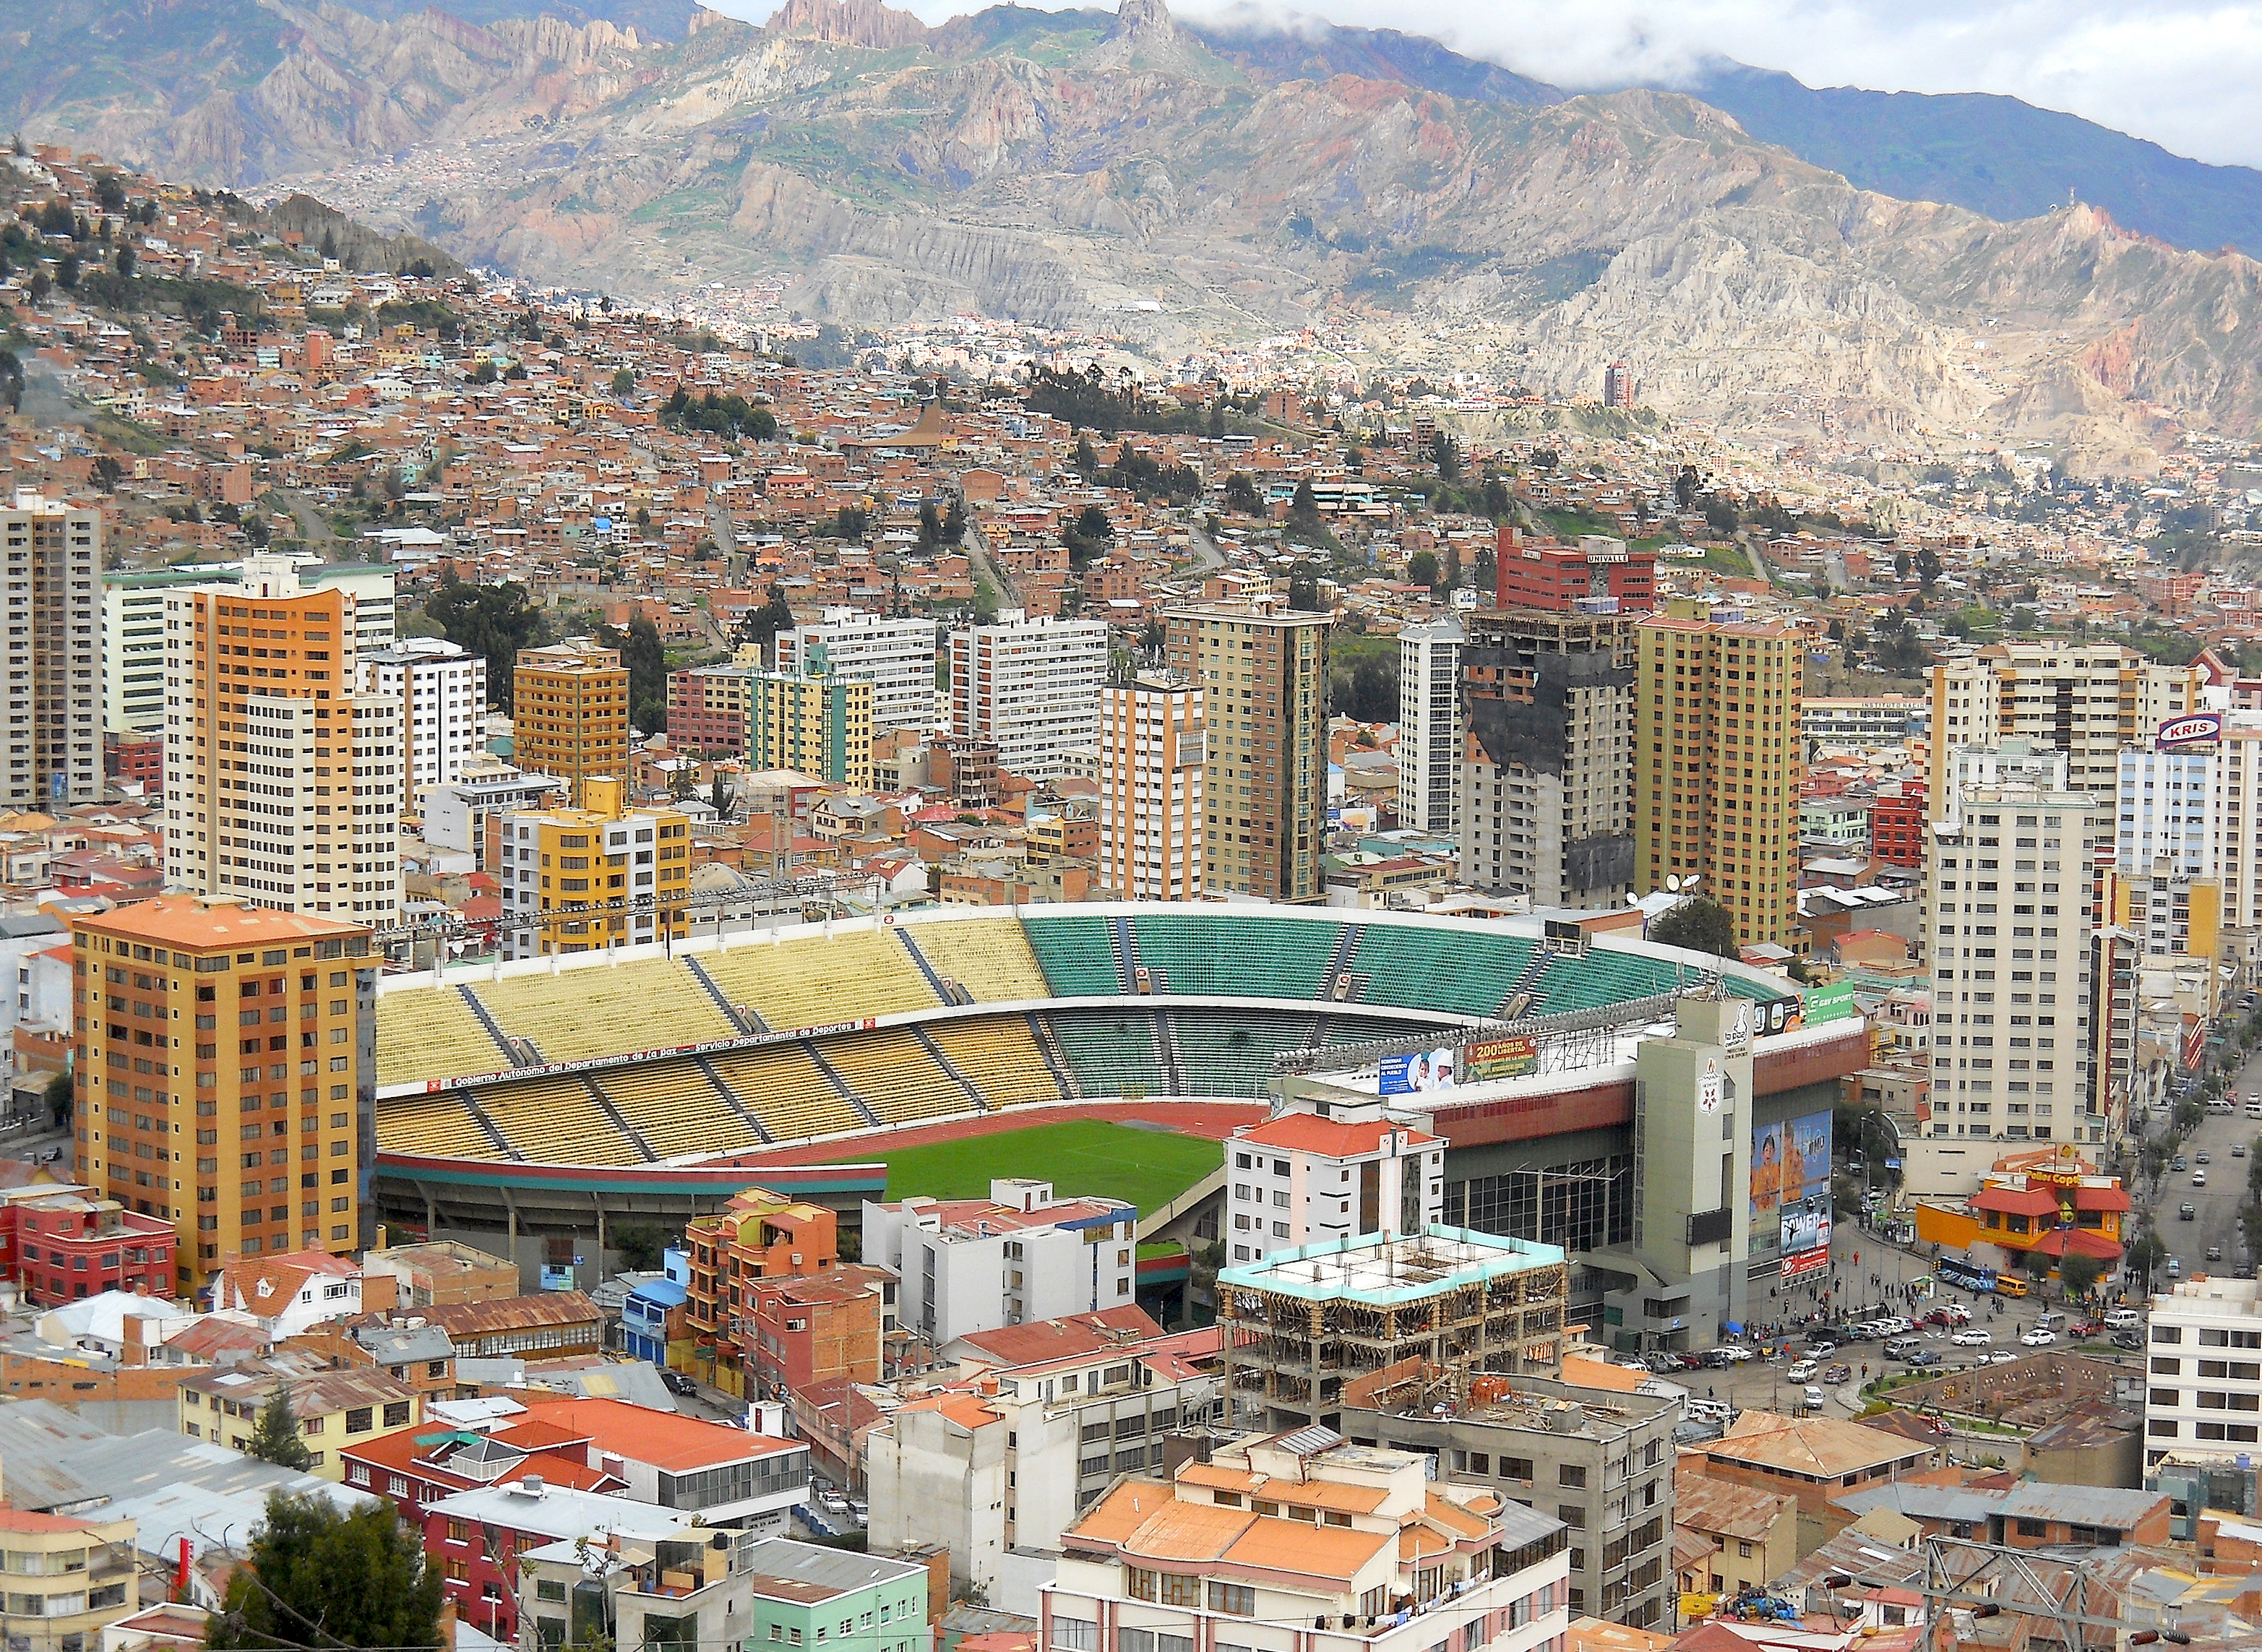 En 1996 se logró un gran triunfo en la FIFA, la autorización para jugar libremente en la altura de La Paz. Las gestiones de 2000 y 2009 reforzaron ese derecho boliviano